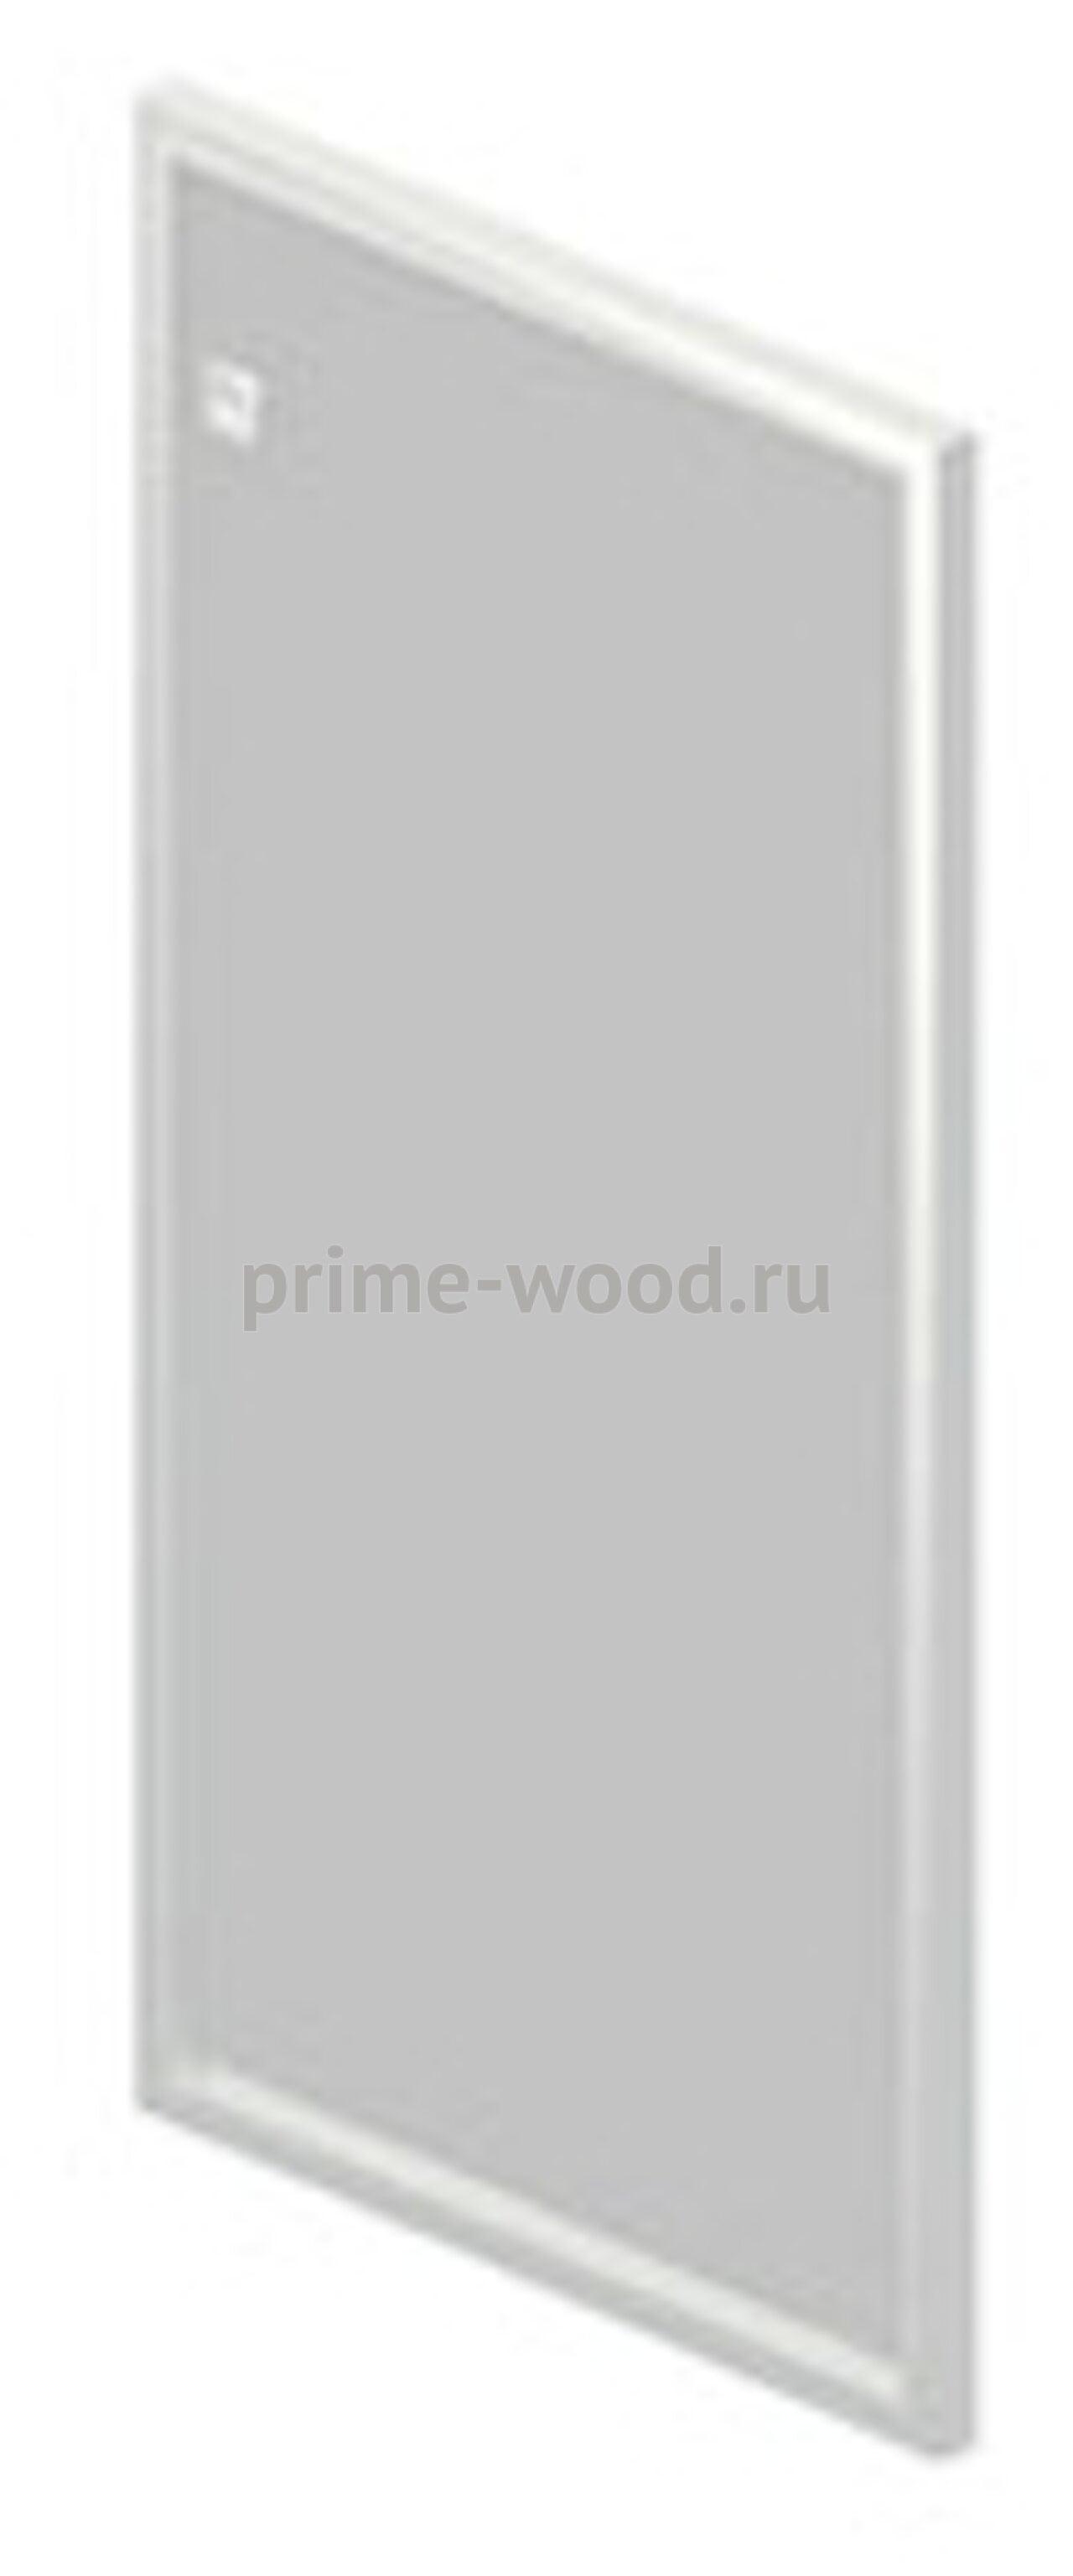 Дверь стеклянная в алюминиевой раме - фото 2